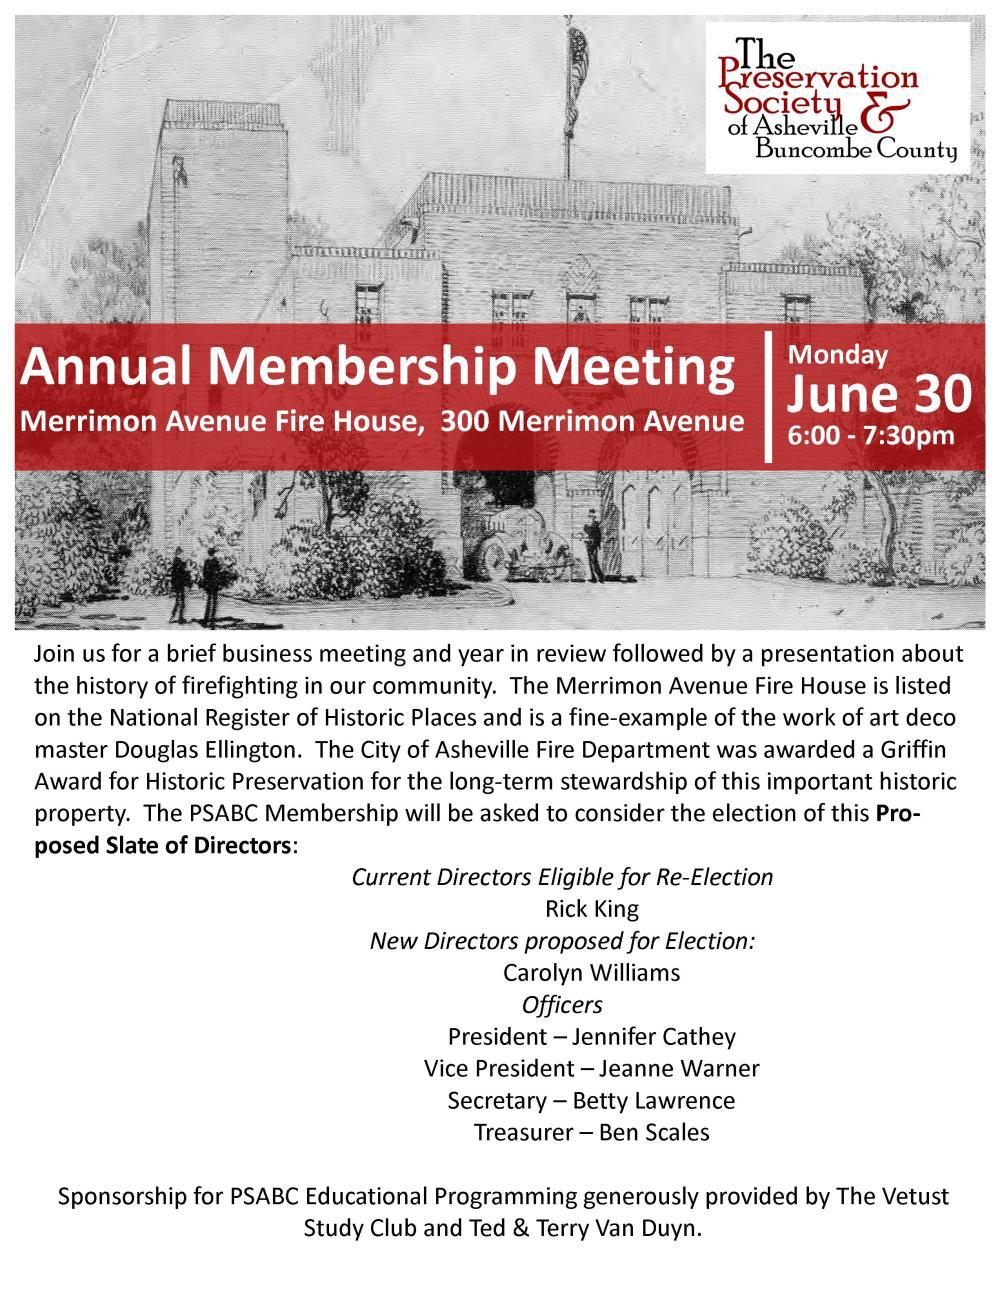 2014 Annual Membership Meeting